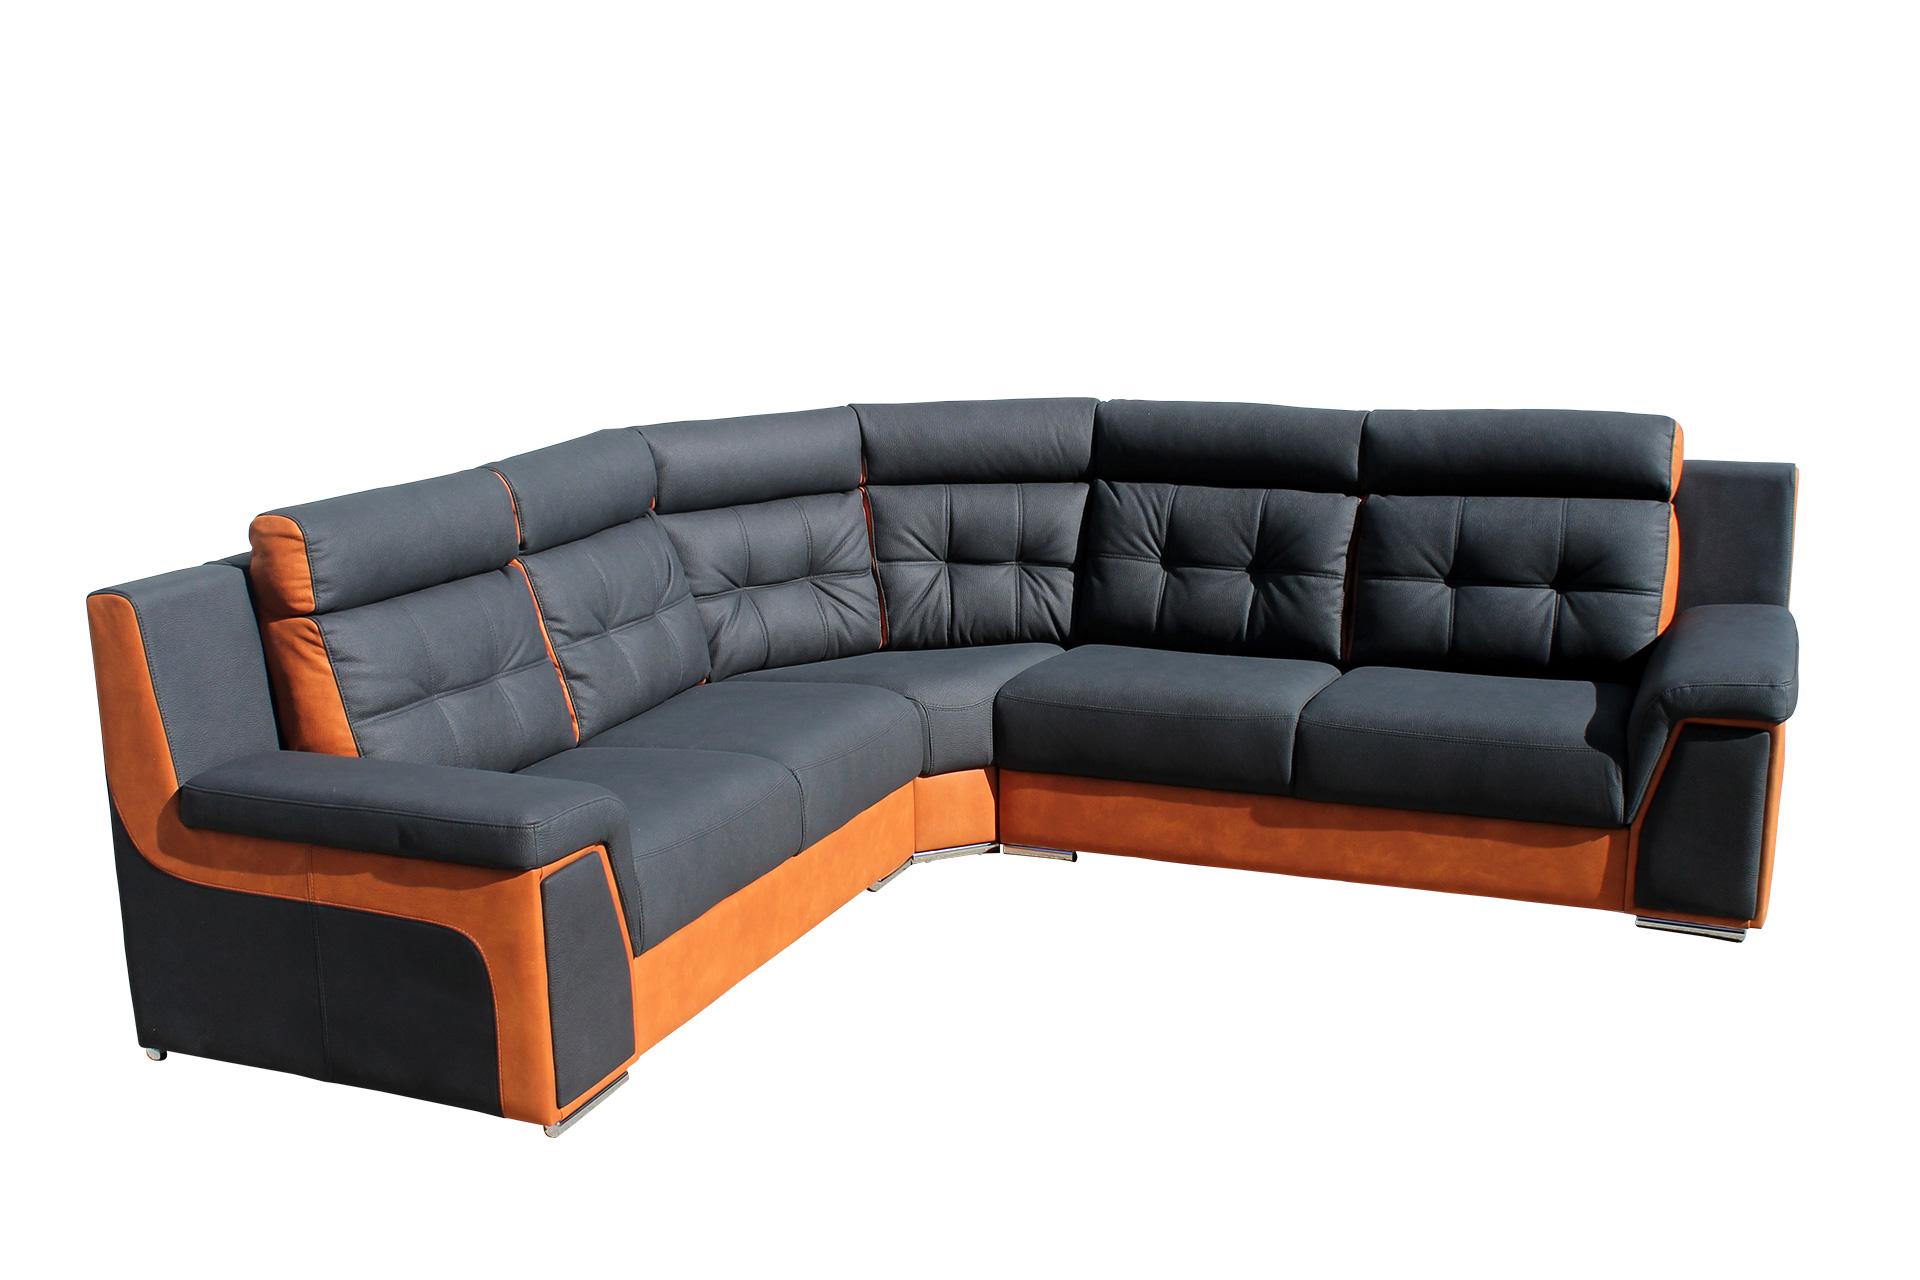 Sof faixa h j mobili rio e carpintaria for By h mobiliario